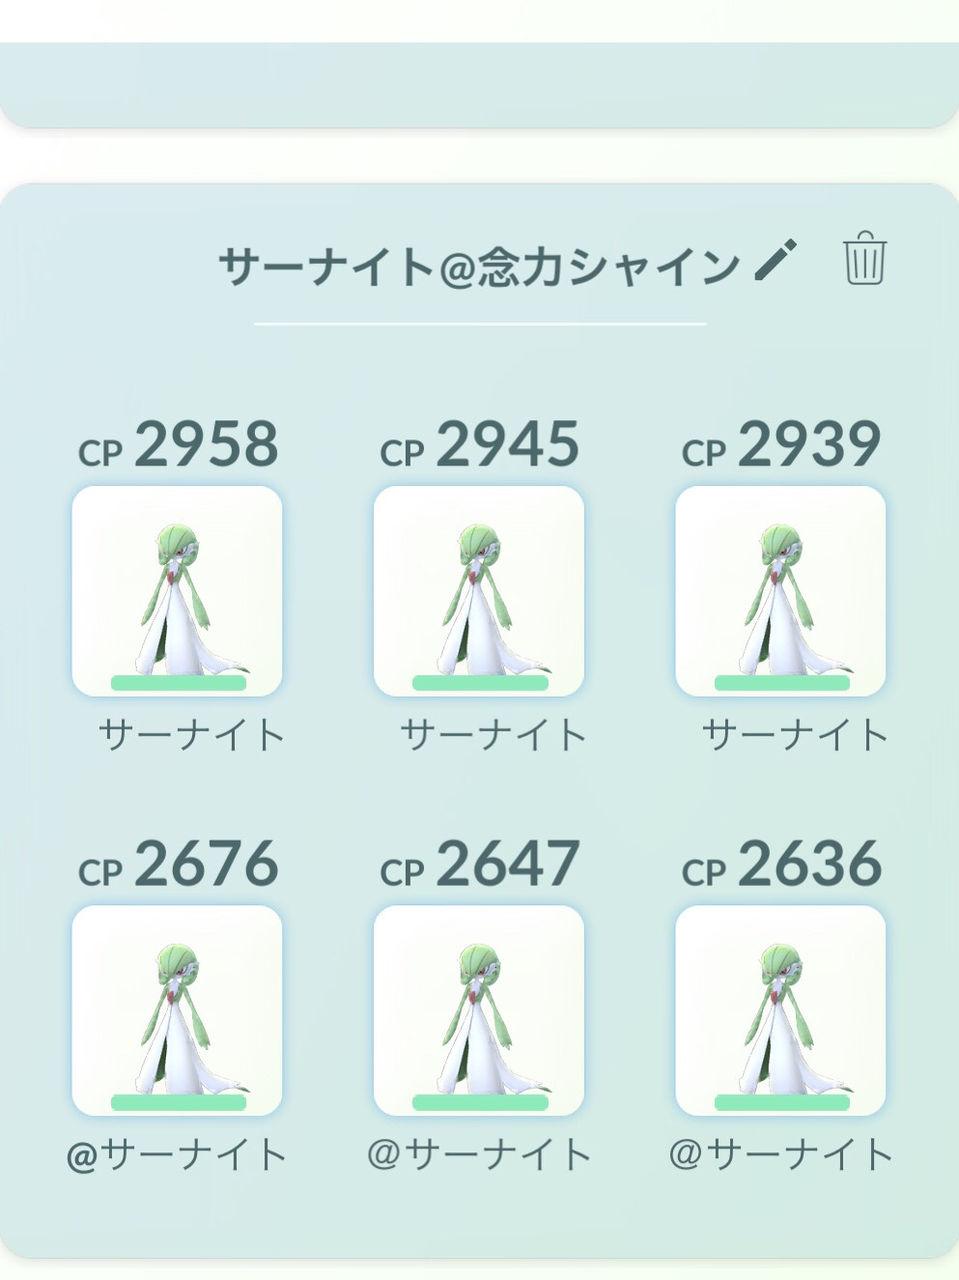 【ポケモンGO】ドラゴンポケモン増加で完全にサーナイトの時代きたな!!